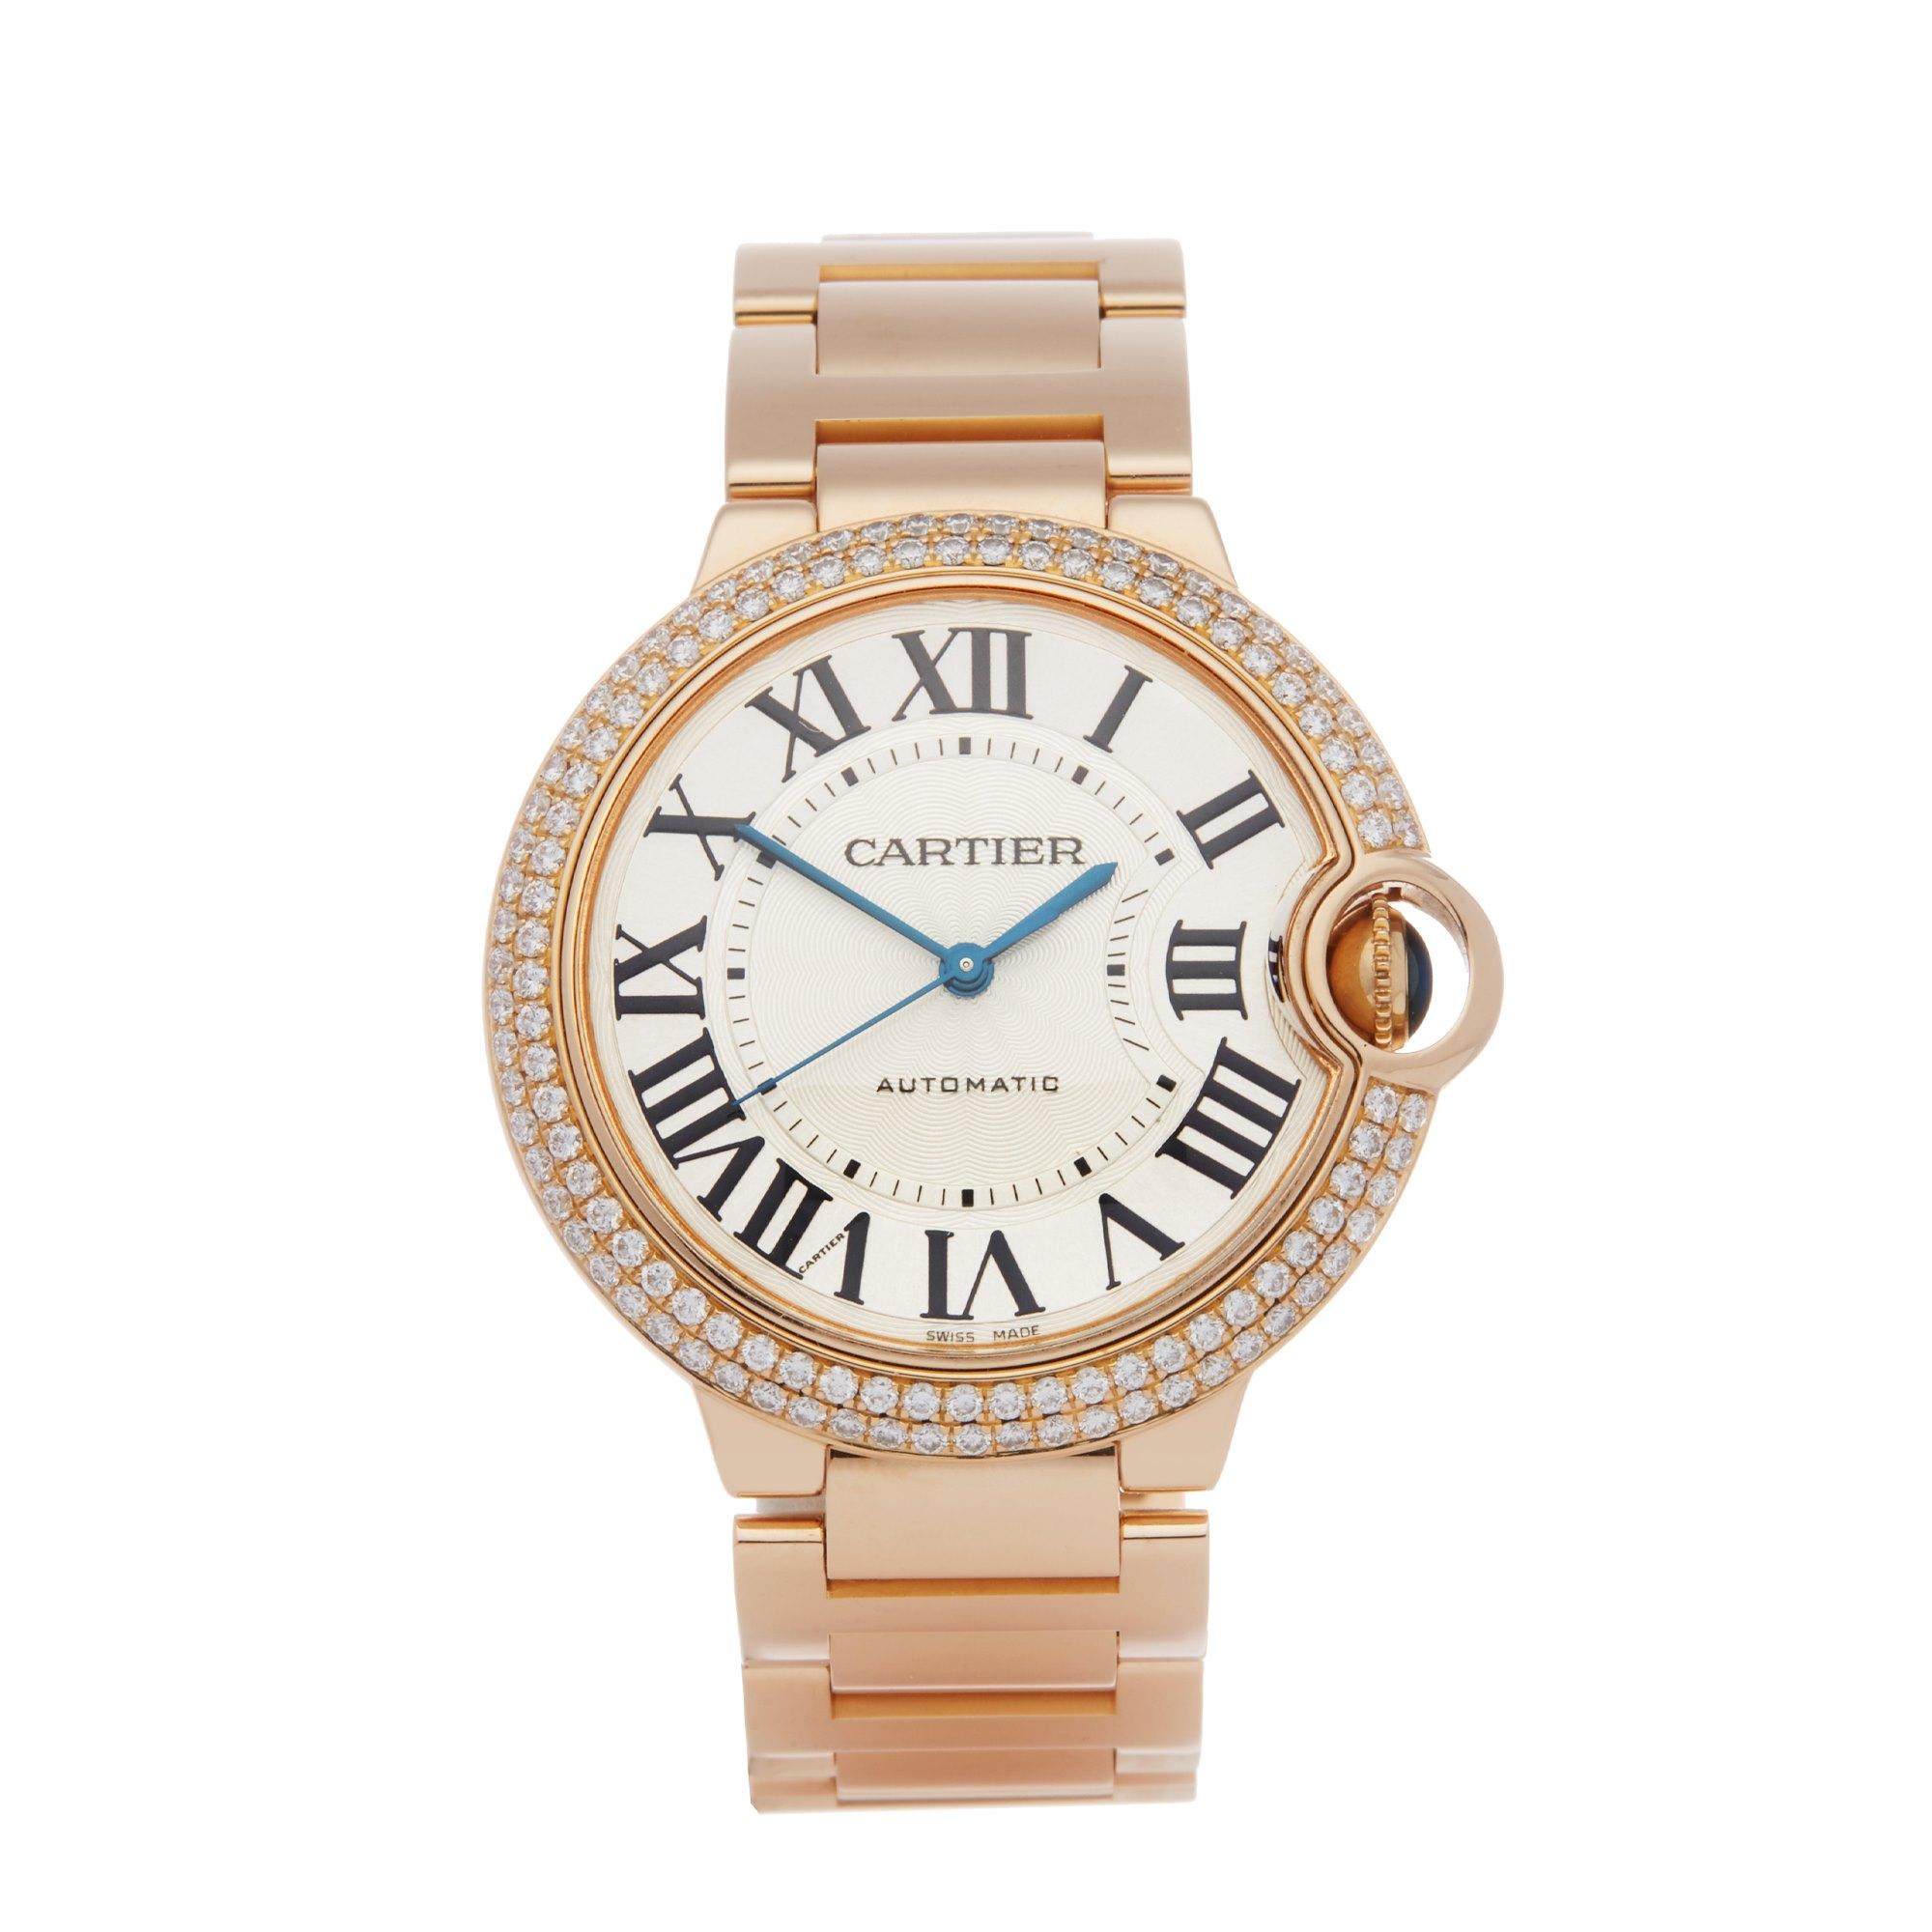 Cartier Ballon Bleu 36 Diamond 18K Rose Gold WJBB0005 or 3003